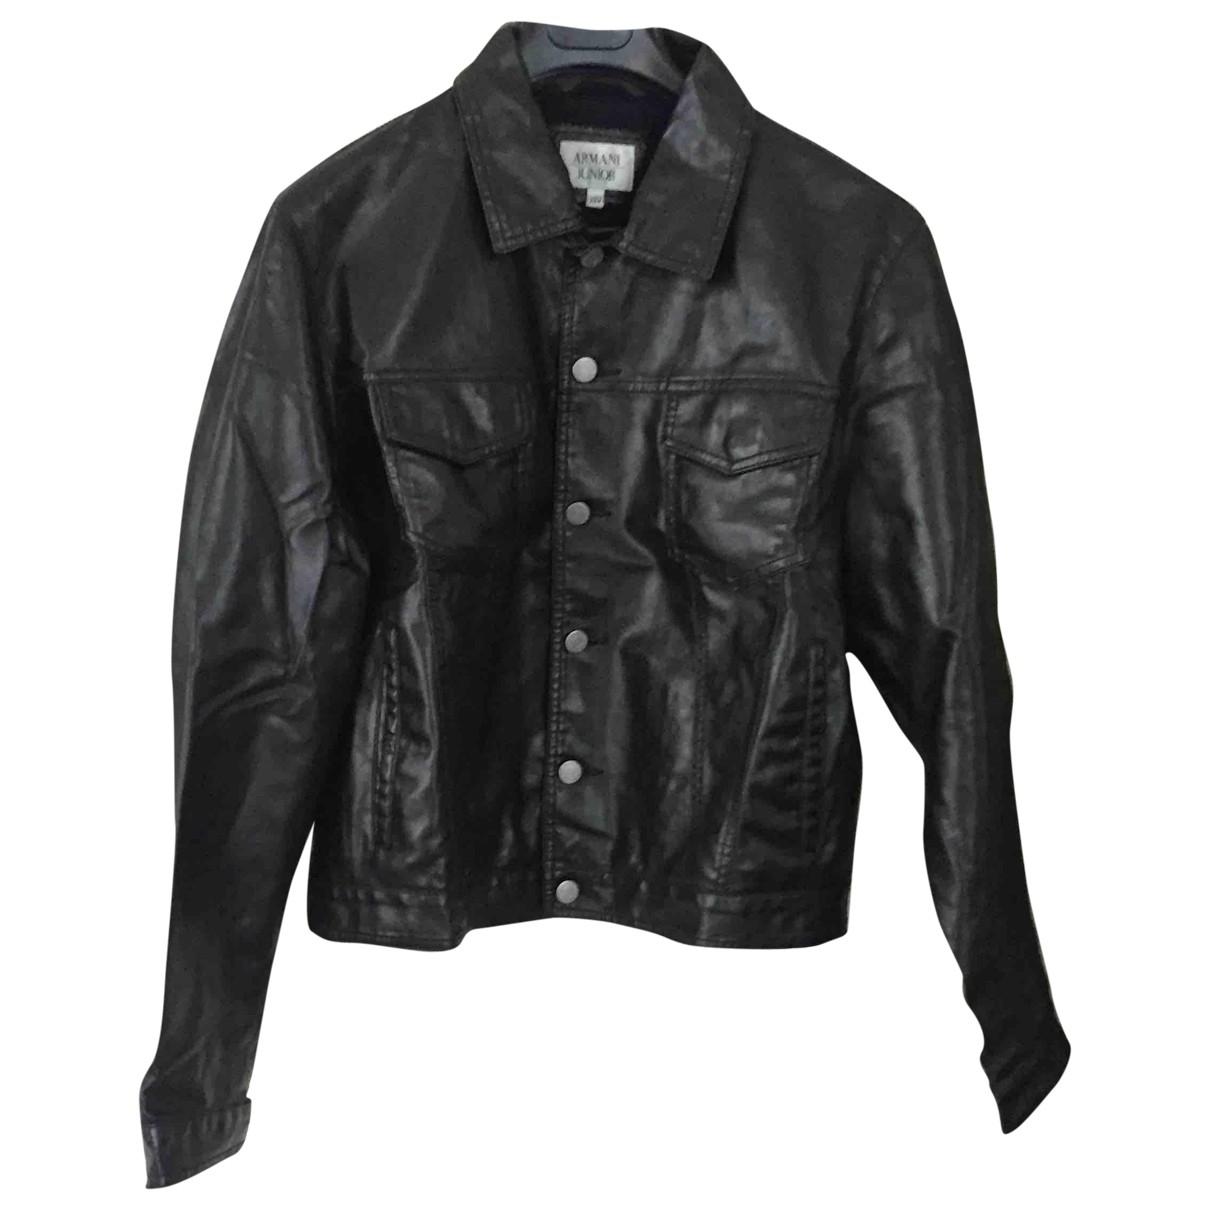 Armani Jeans \N Jacke in  Schwarz Synthetik